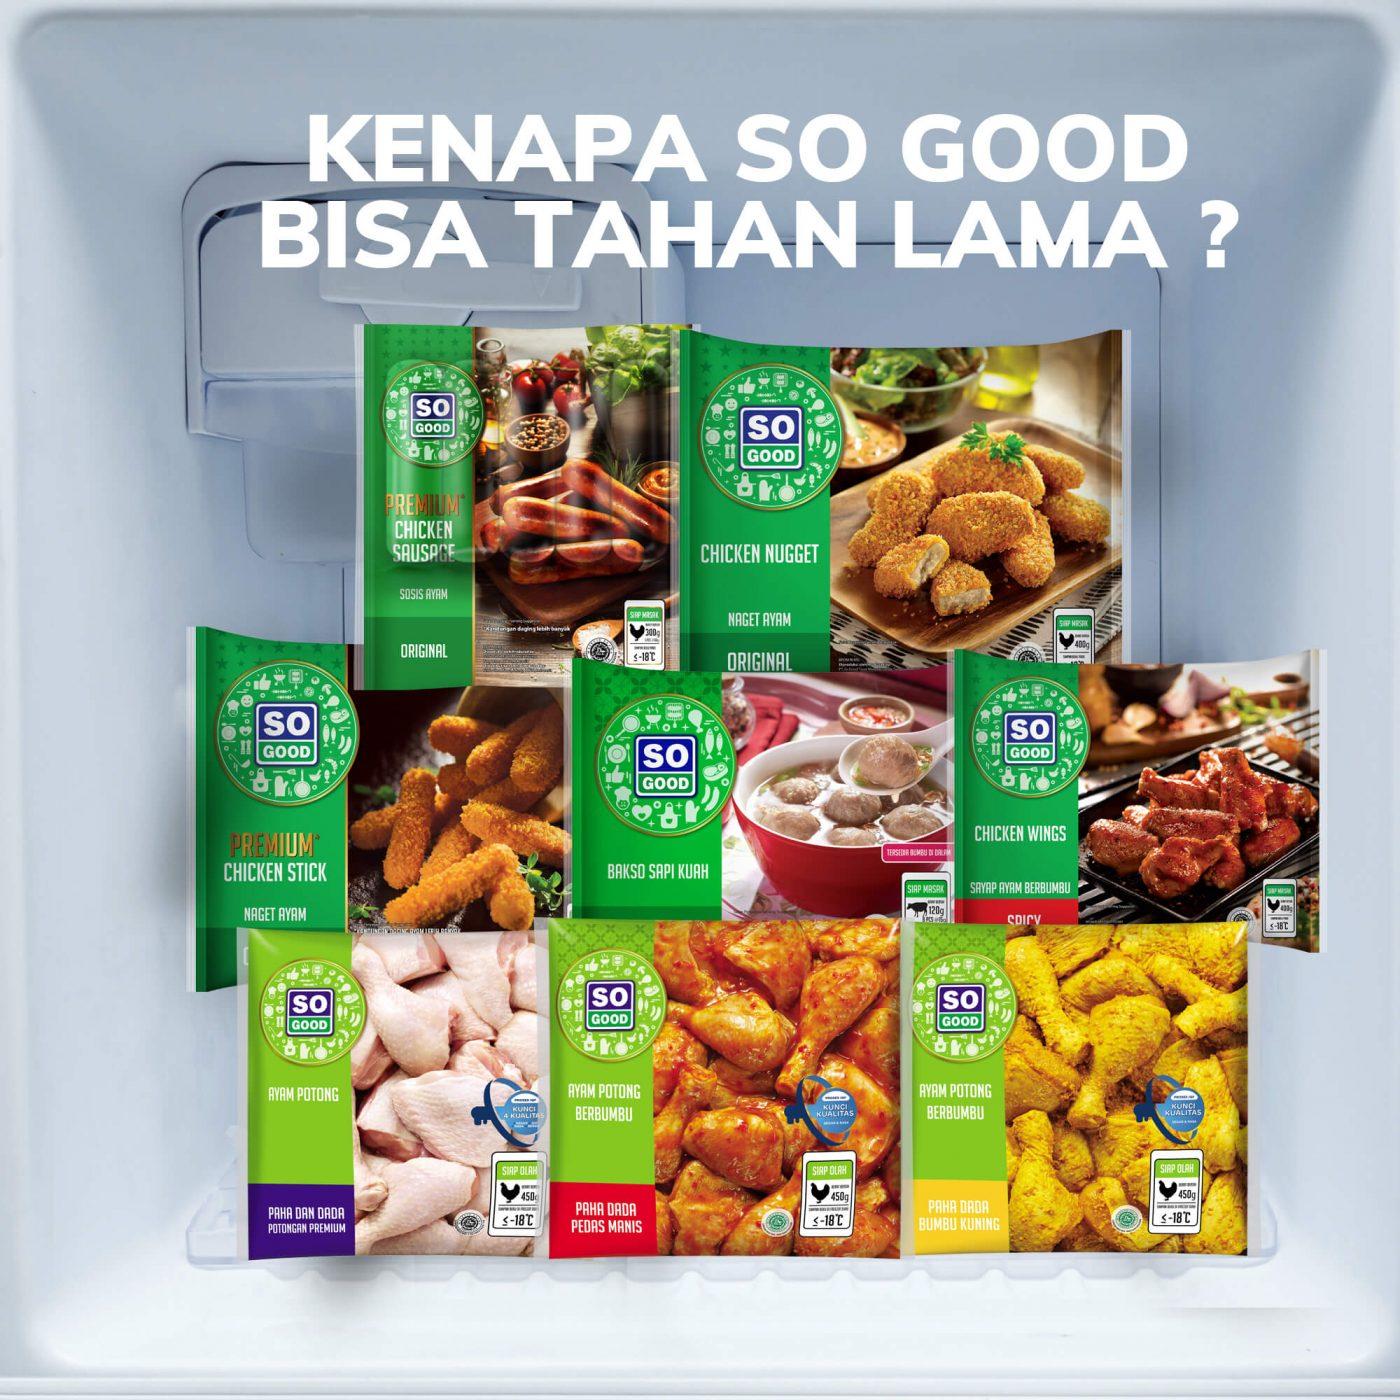 Image KENAPA SO GOOD BISA TAHAN LAMA?